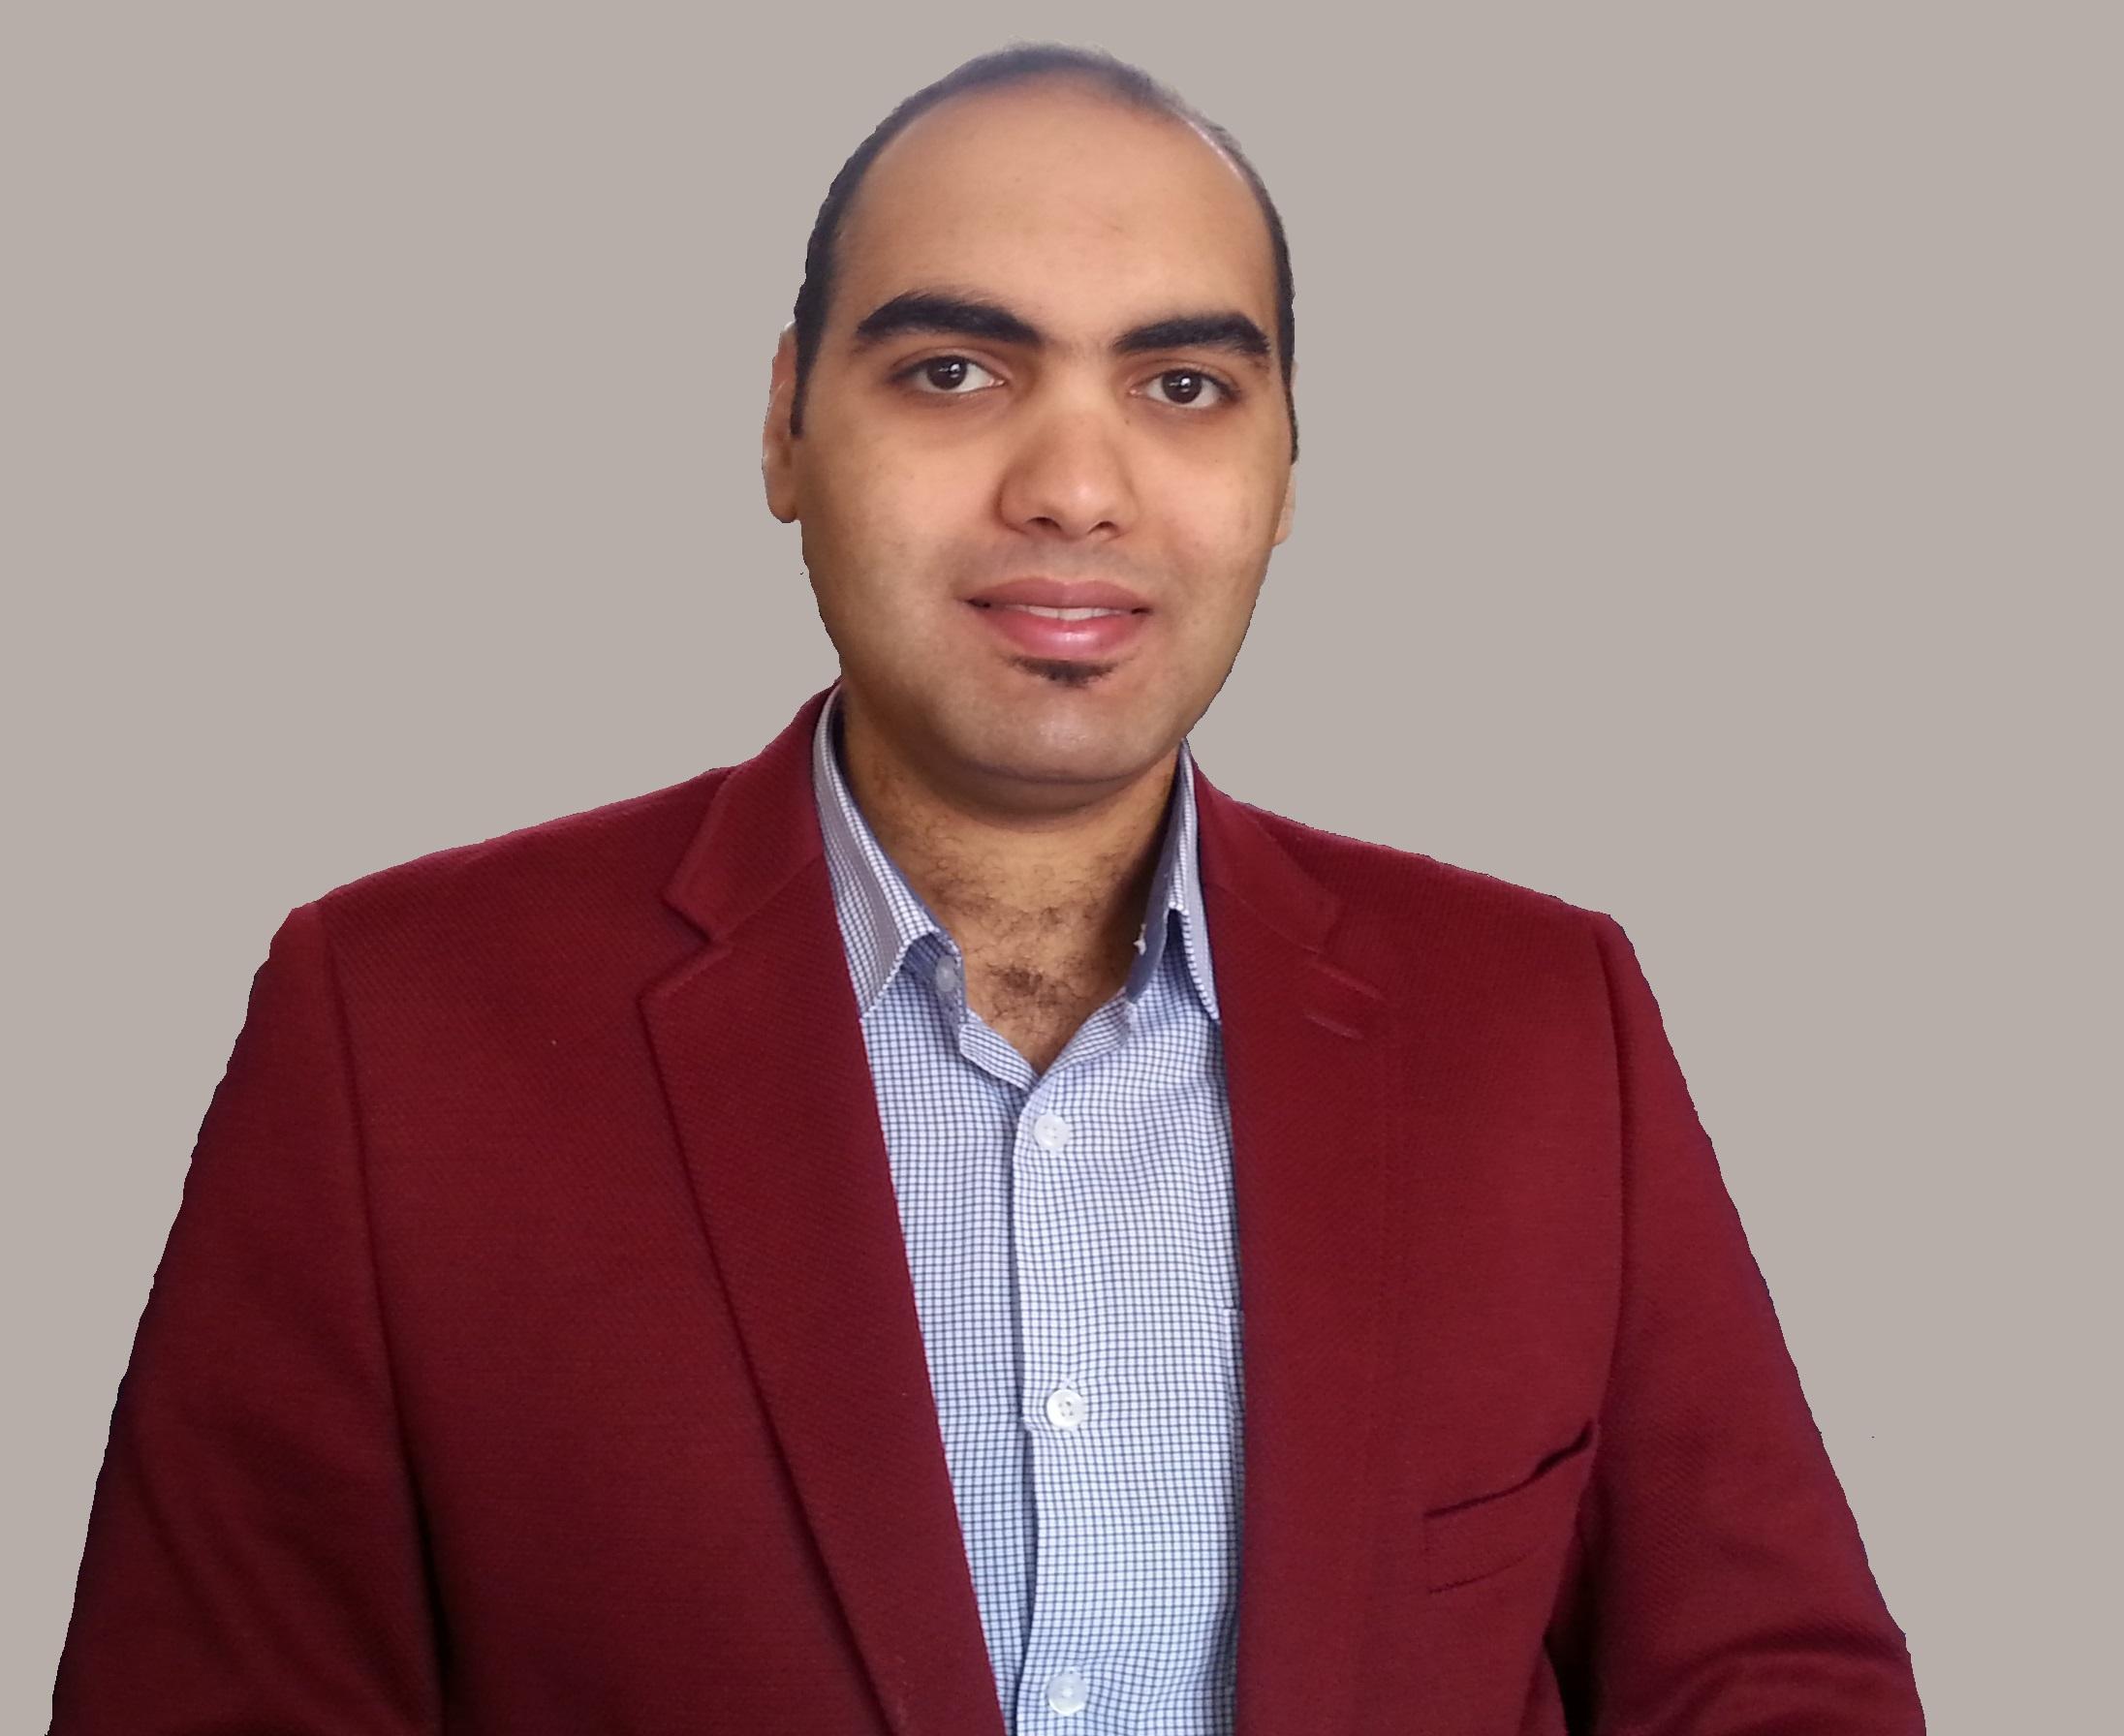 Photograph of Islam AlMallah